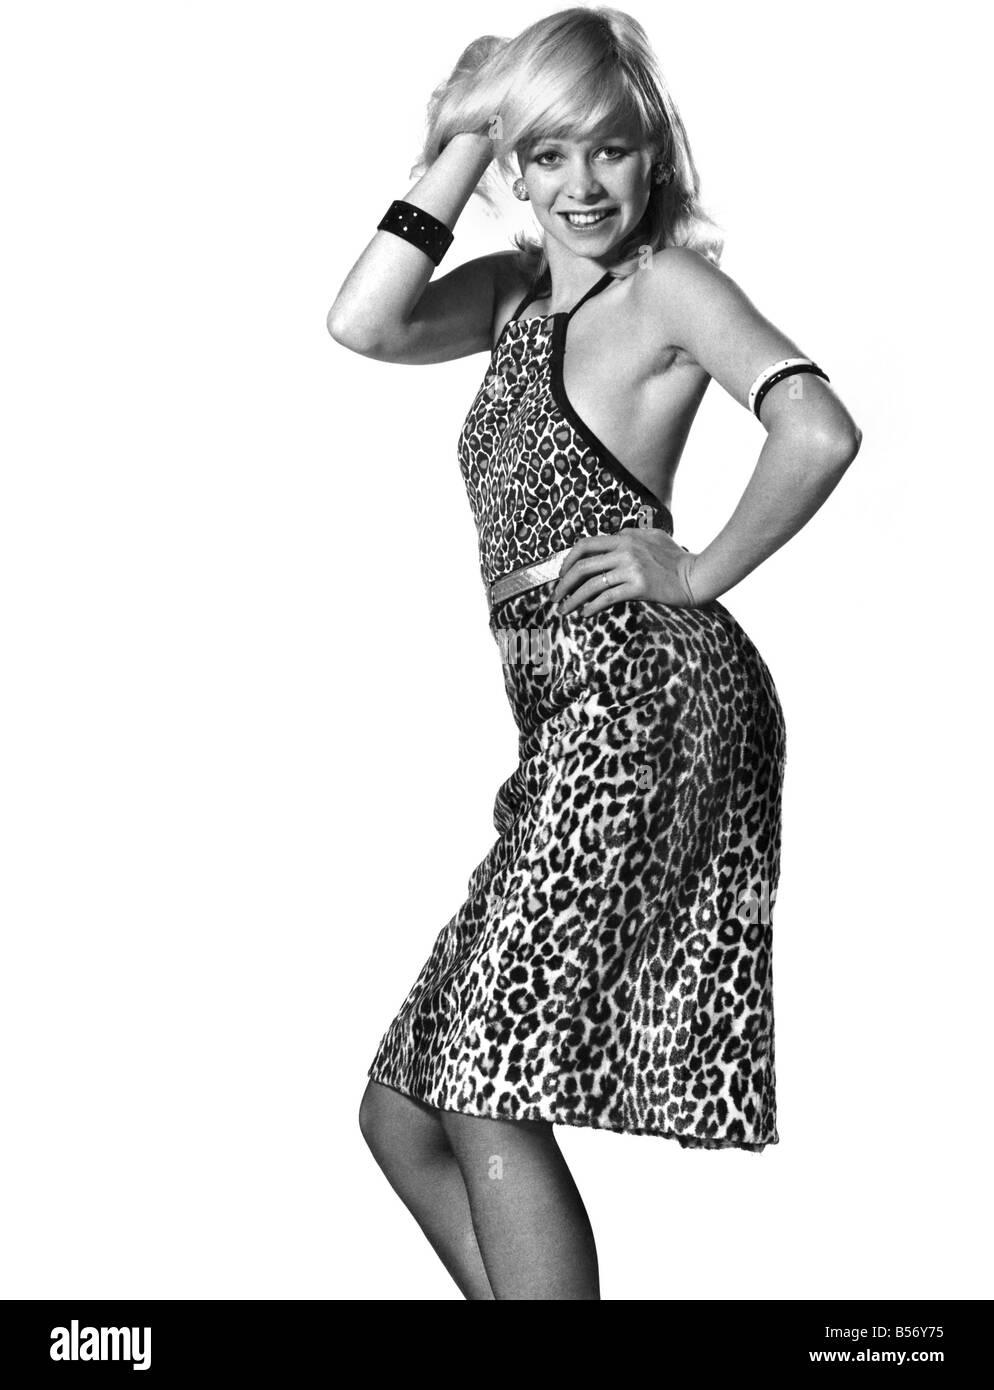 1970s Fashion Woman Stockfotos & 1970s Fashion Woman Bilder - Seite ...